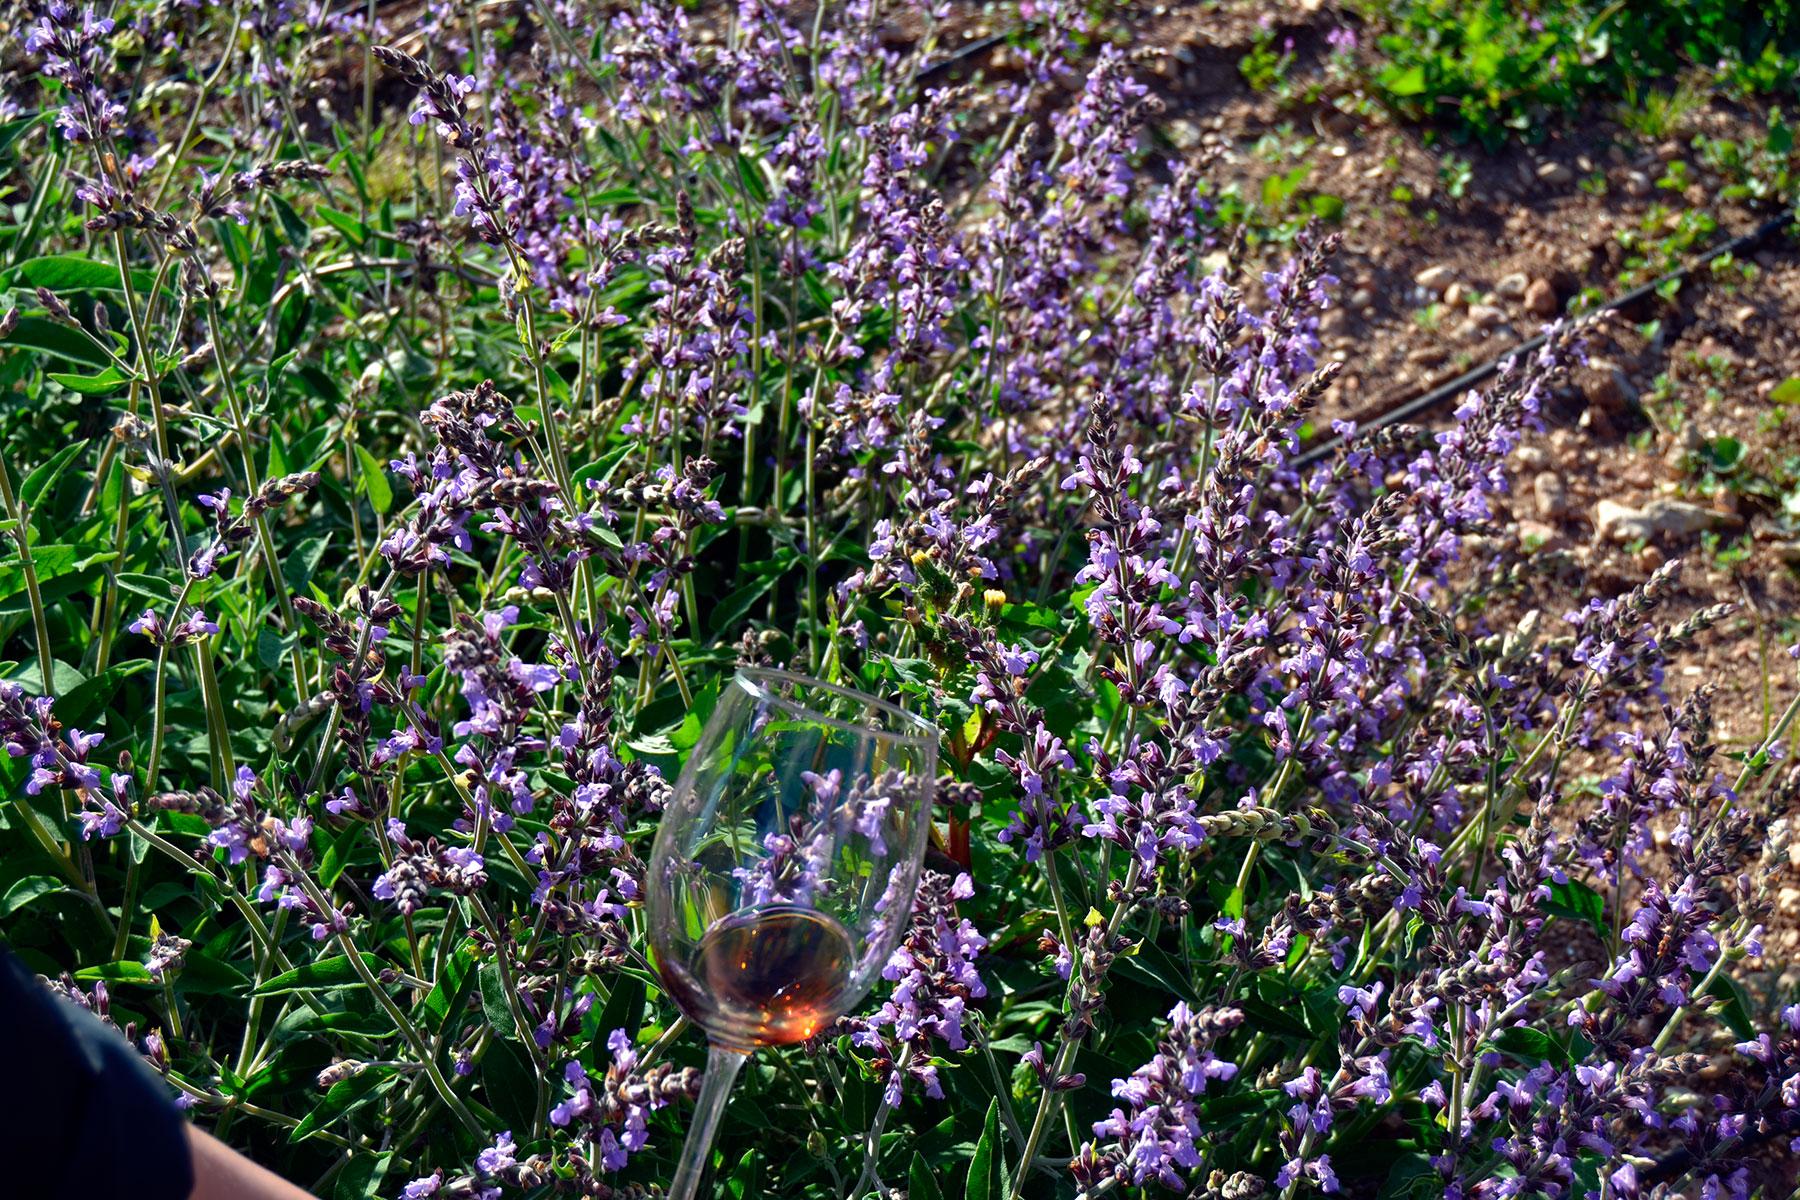 #elorigen. Visita a la huerta de Susana y Fran (Cabra), Subbética Ecológica